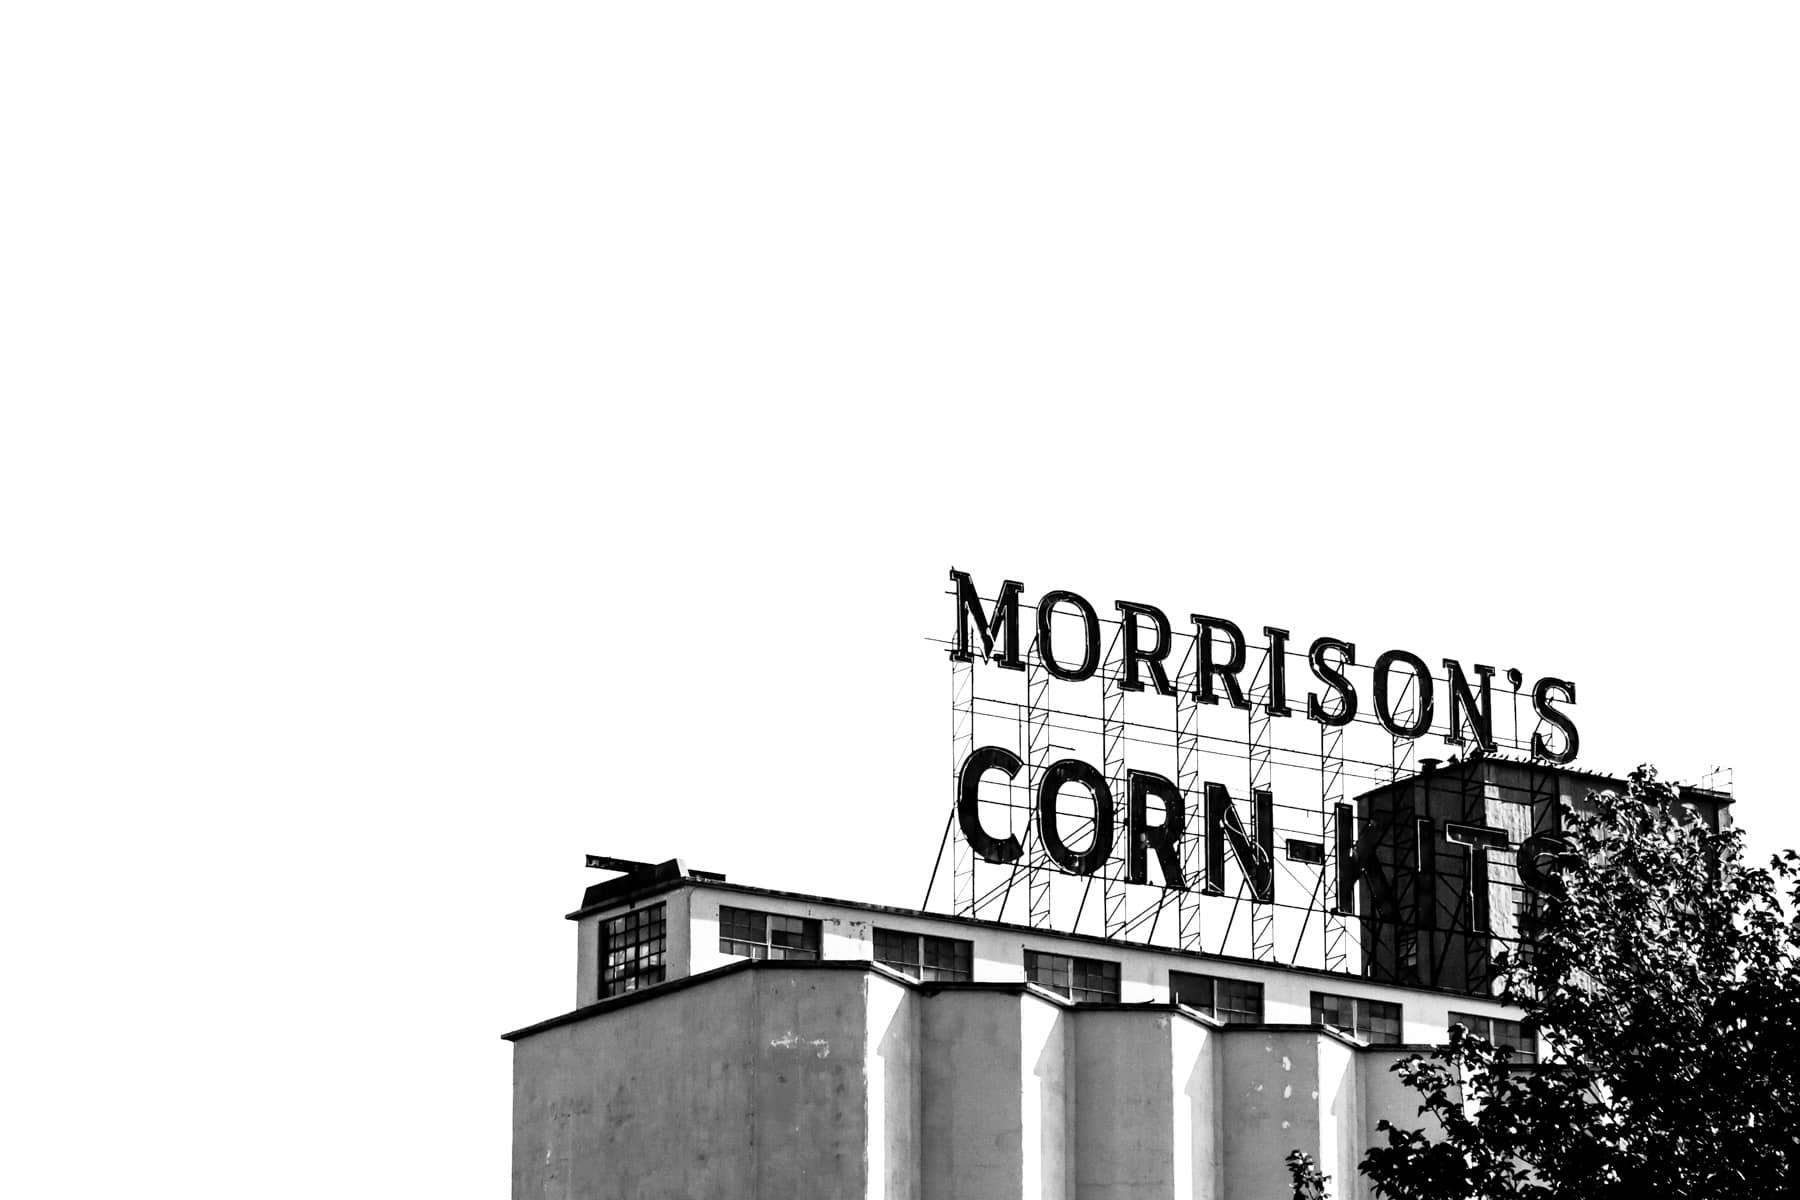 The sign for Morrison's Corn-Kits atop a grain silo in Denton, Texas.